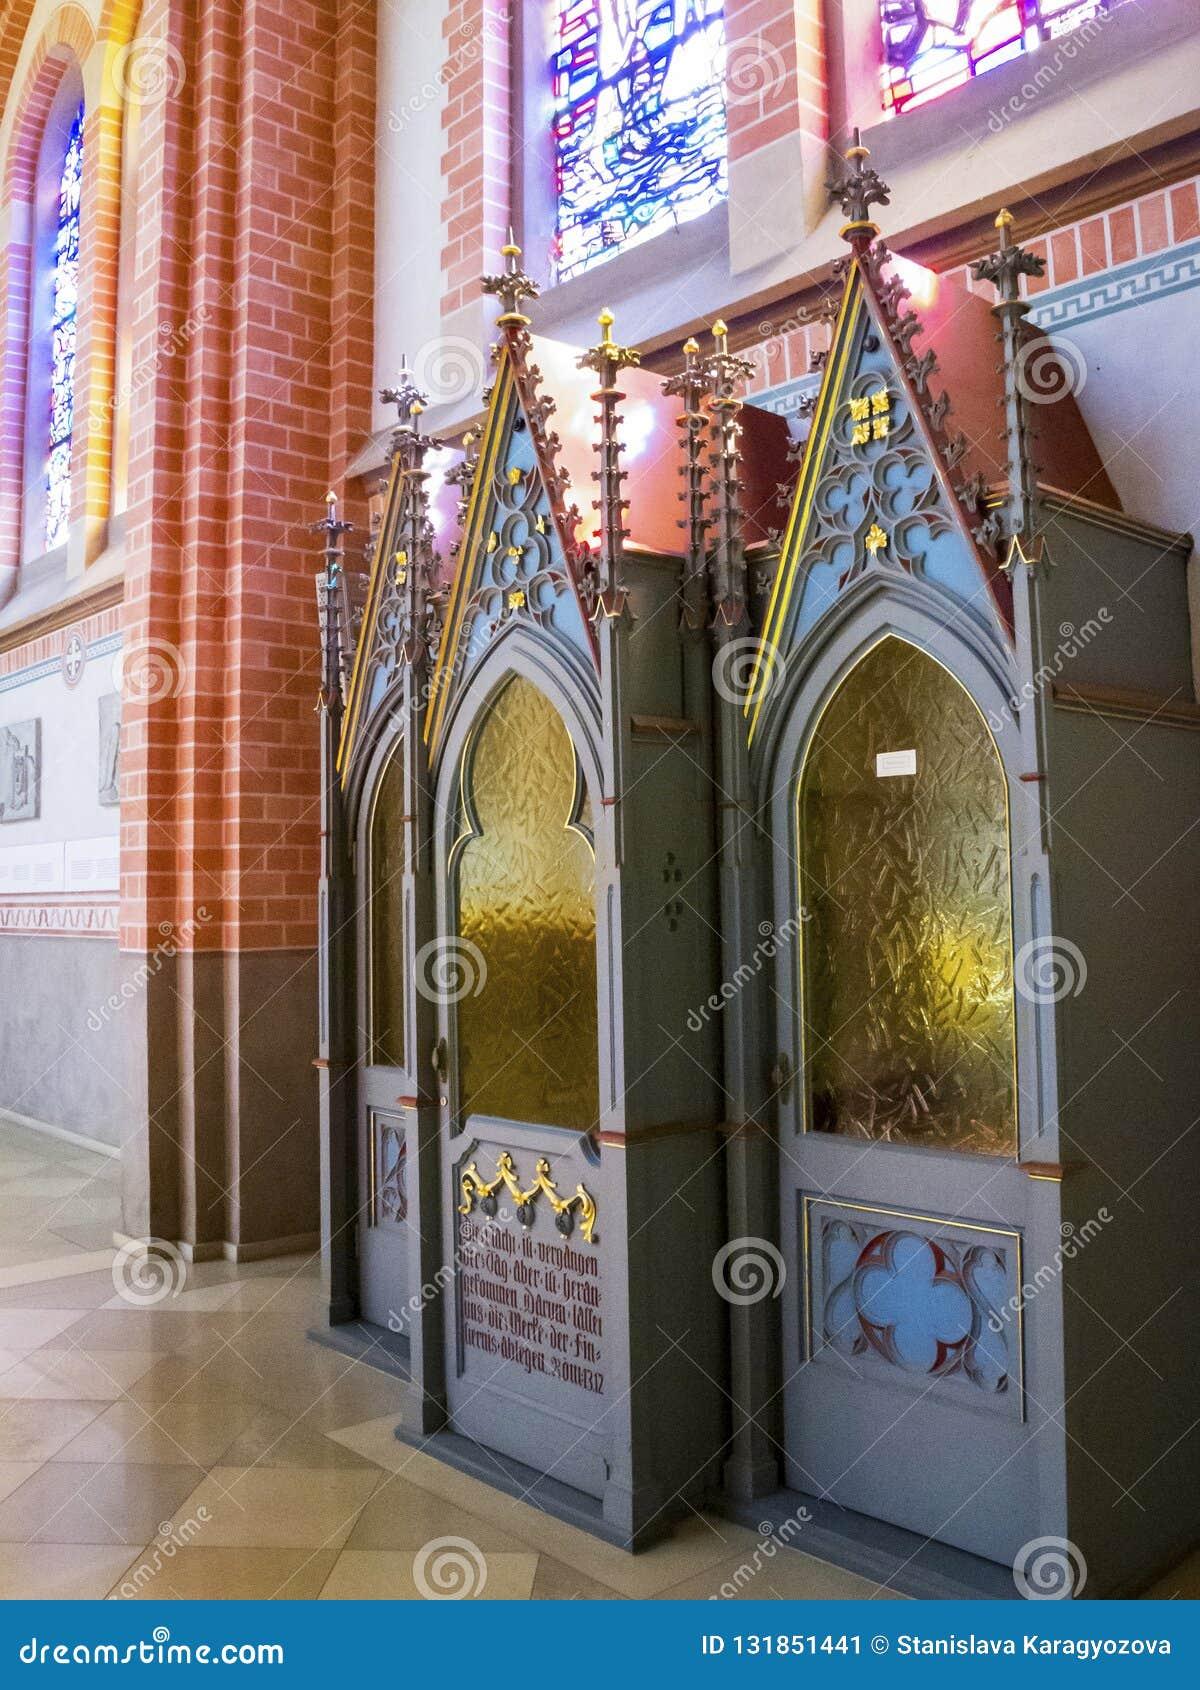 Όμορφο εσωτερικό της εκκλησίας κοινοτήτων herz-Jesu σε Bregenz Αυστρία, ένας εξομολογητικός